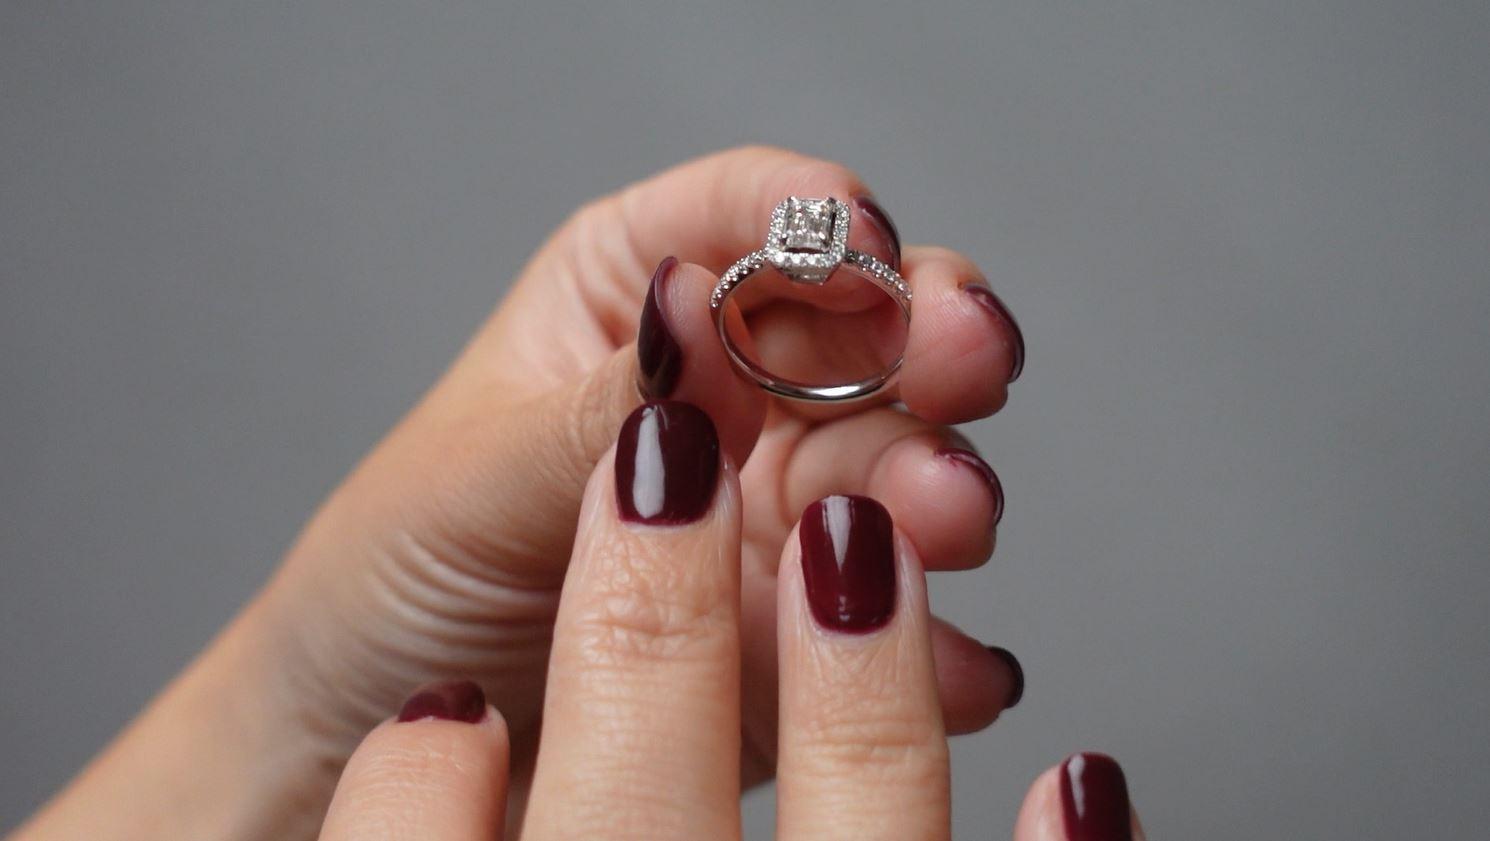 """依娃結婚六周年了~「因為在乎所以要更有意義」 老公甜蜜獻上""""未來鑽石""""紀念婚戒 守護彼此訂下永恆約定!!"""